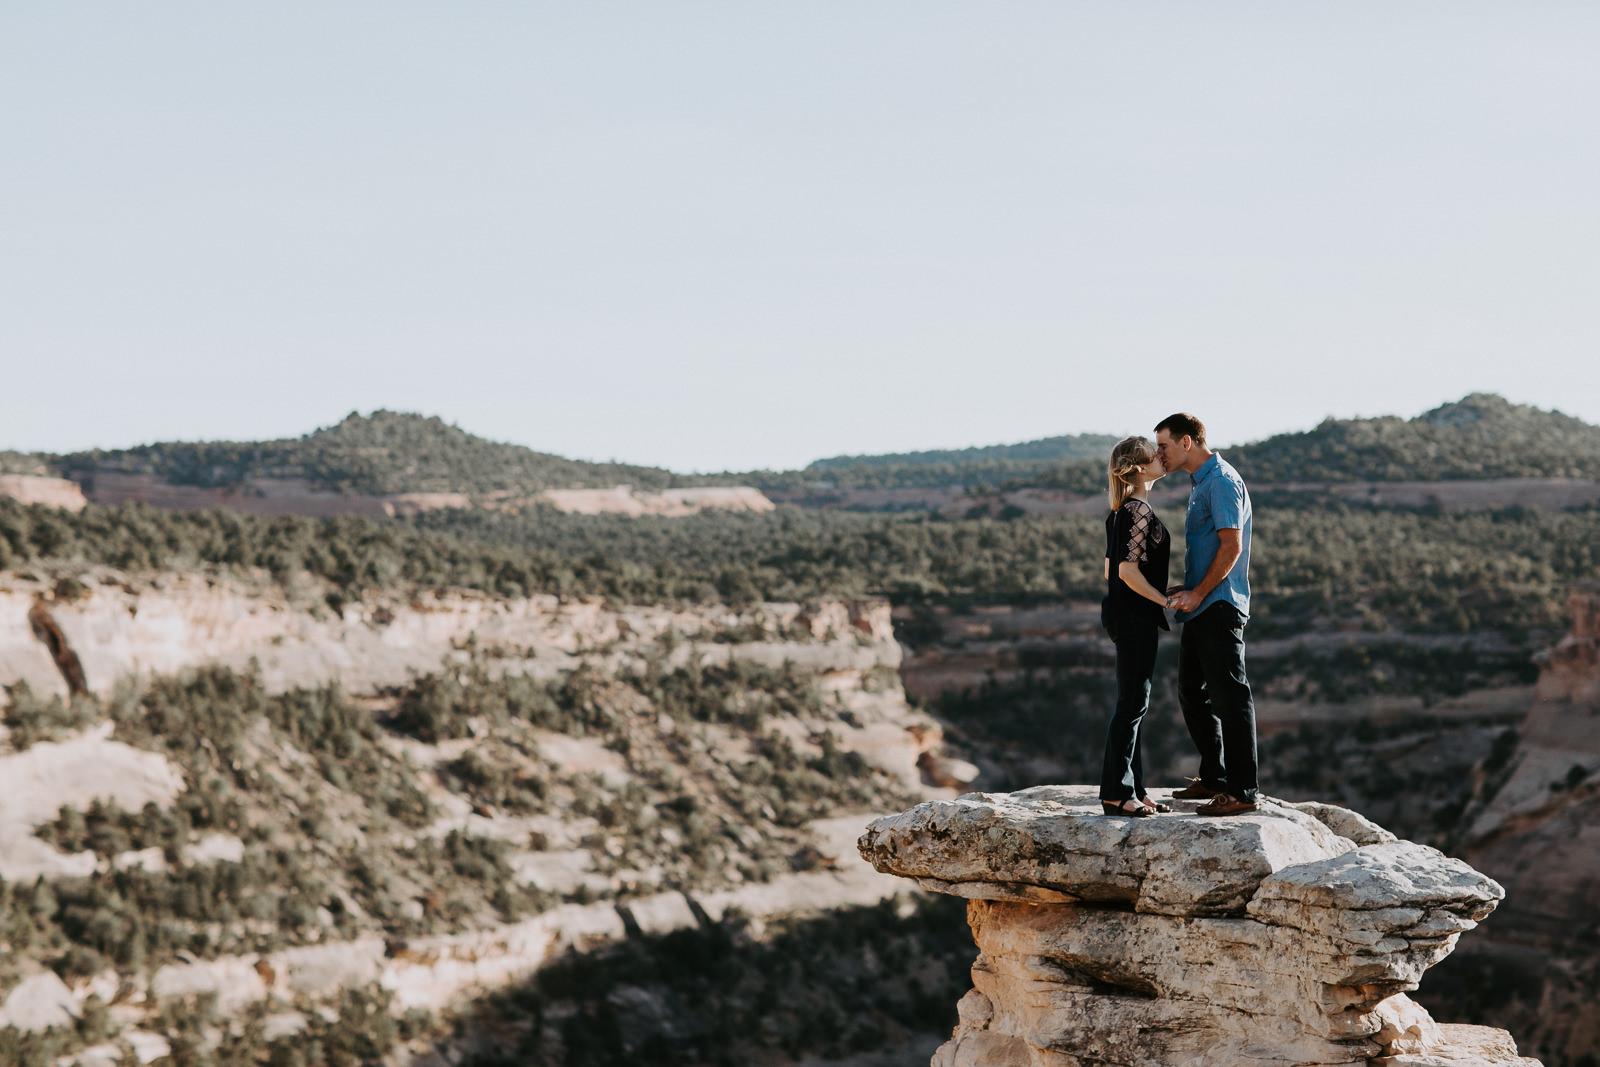 Couple kisses on cliff in the desert